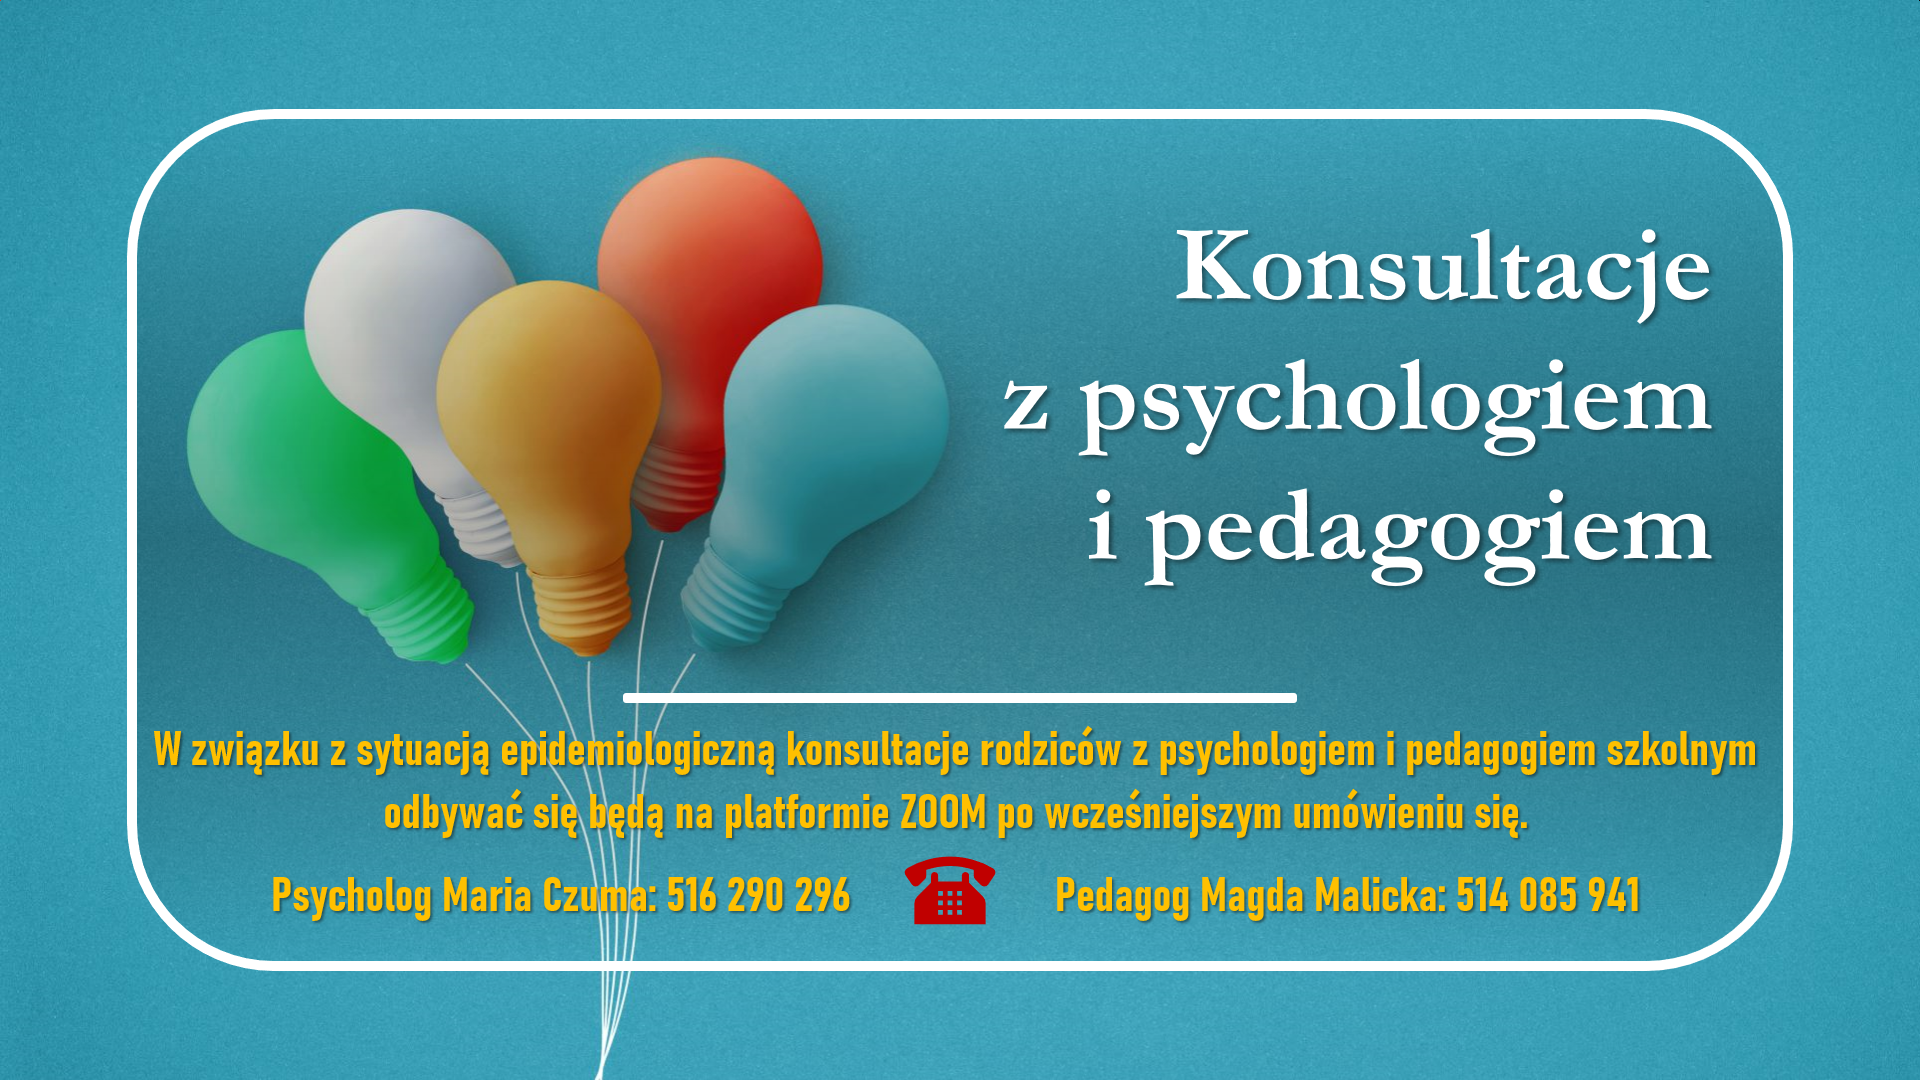 konsultacje_z_pedagogiem_i_psychologiem